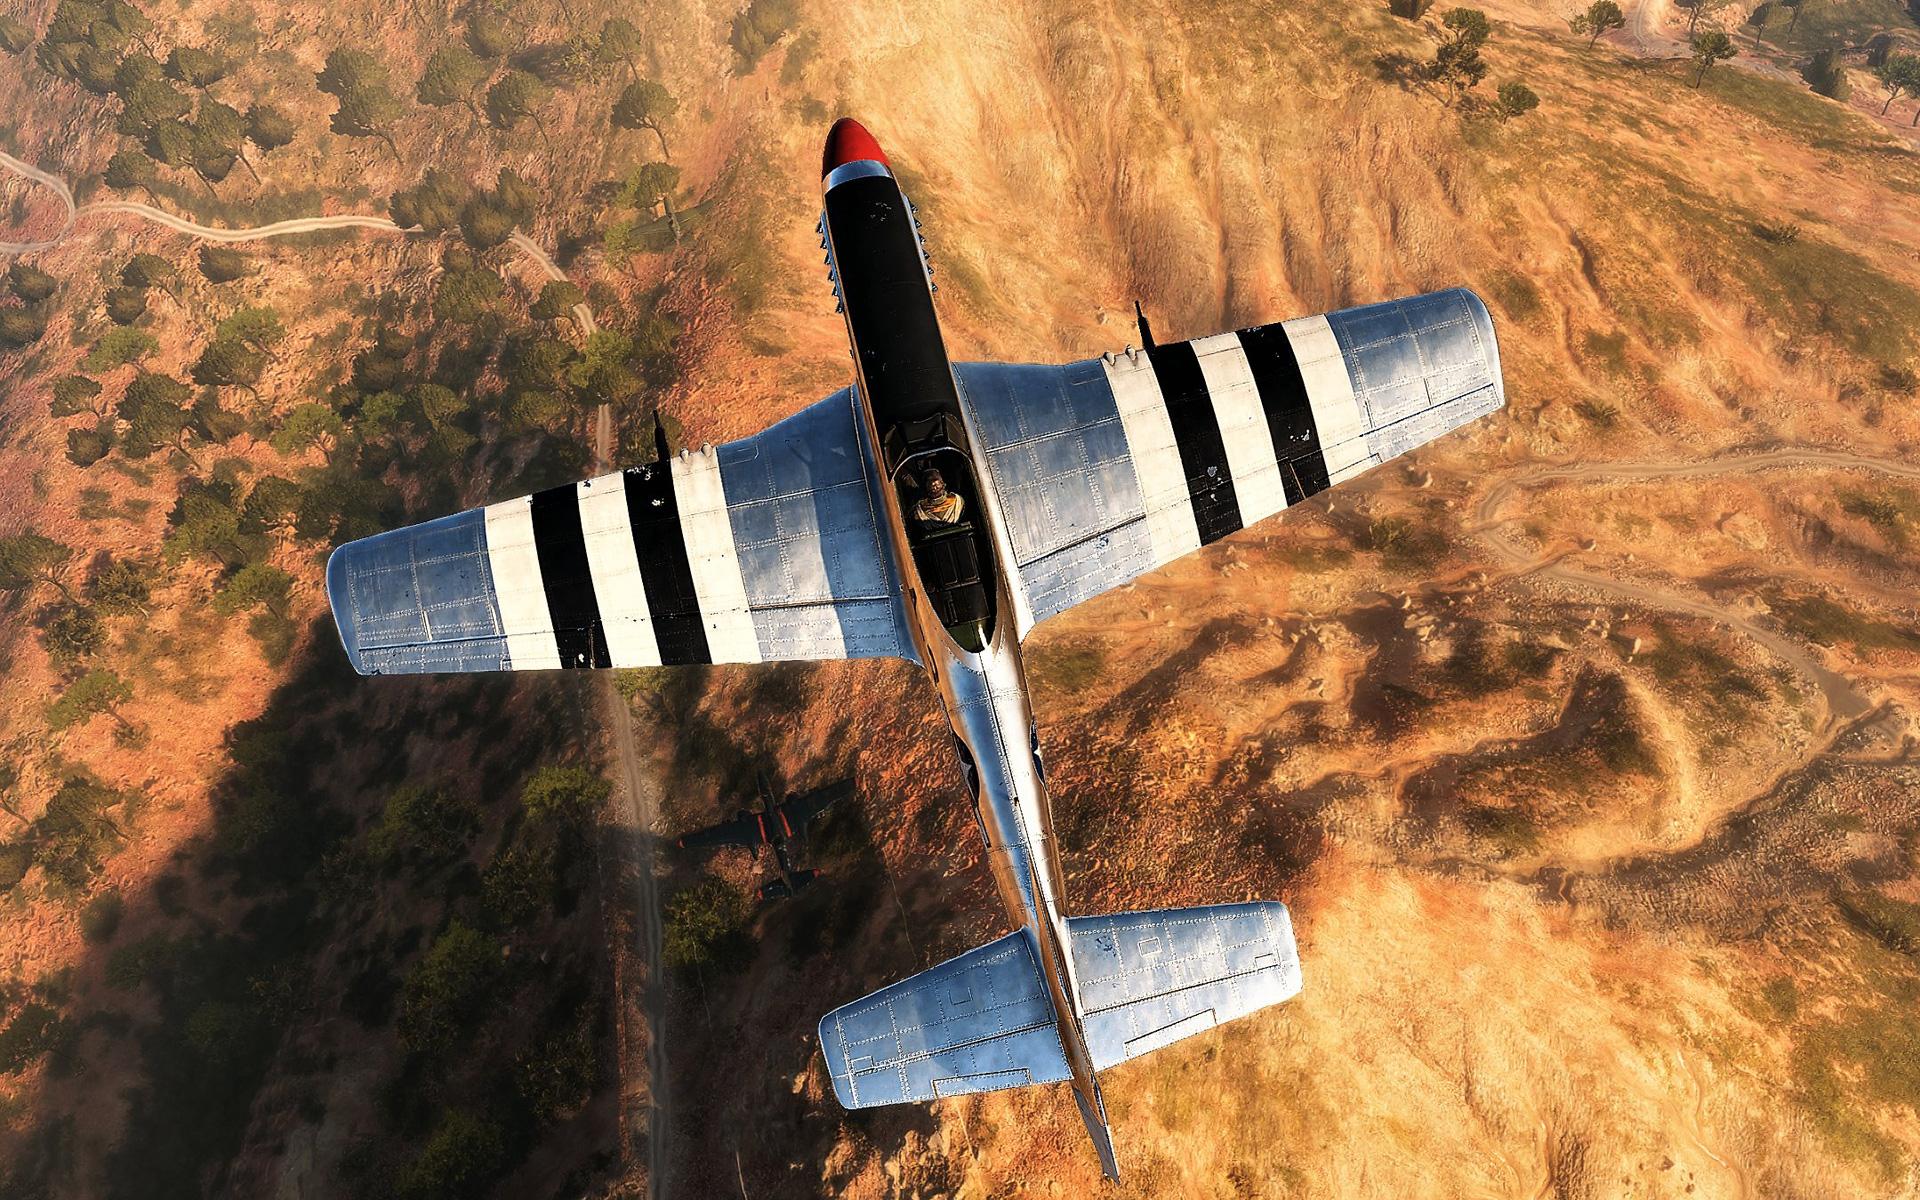 Battlefield V Wallpaper in 1920x1200